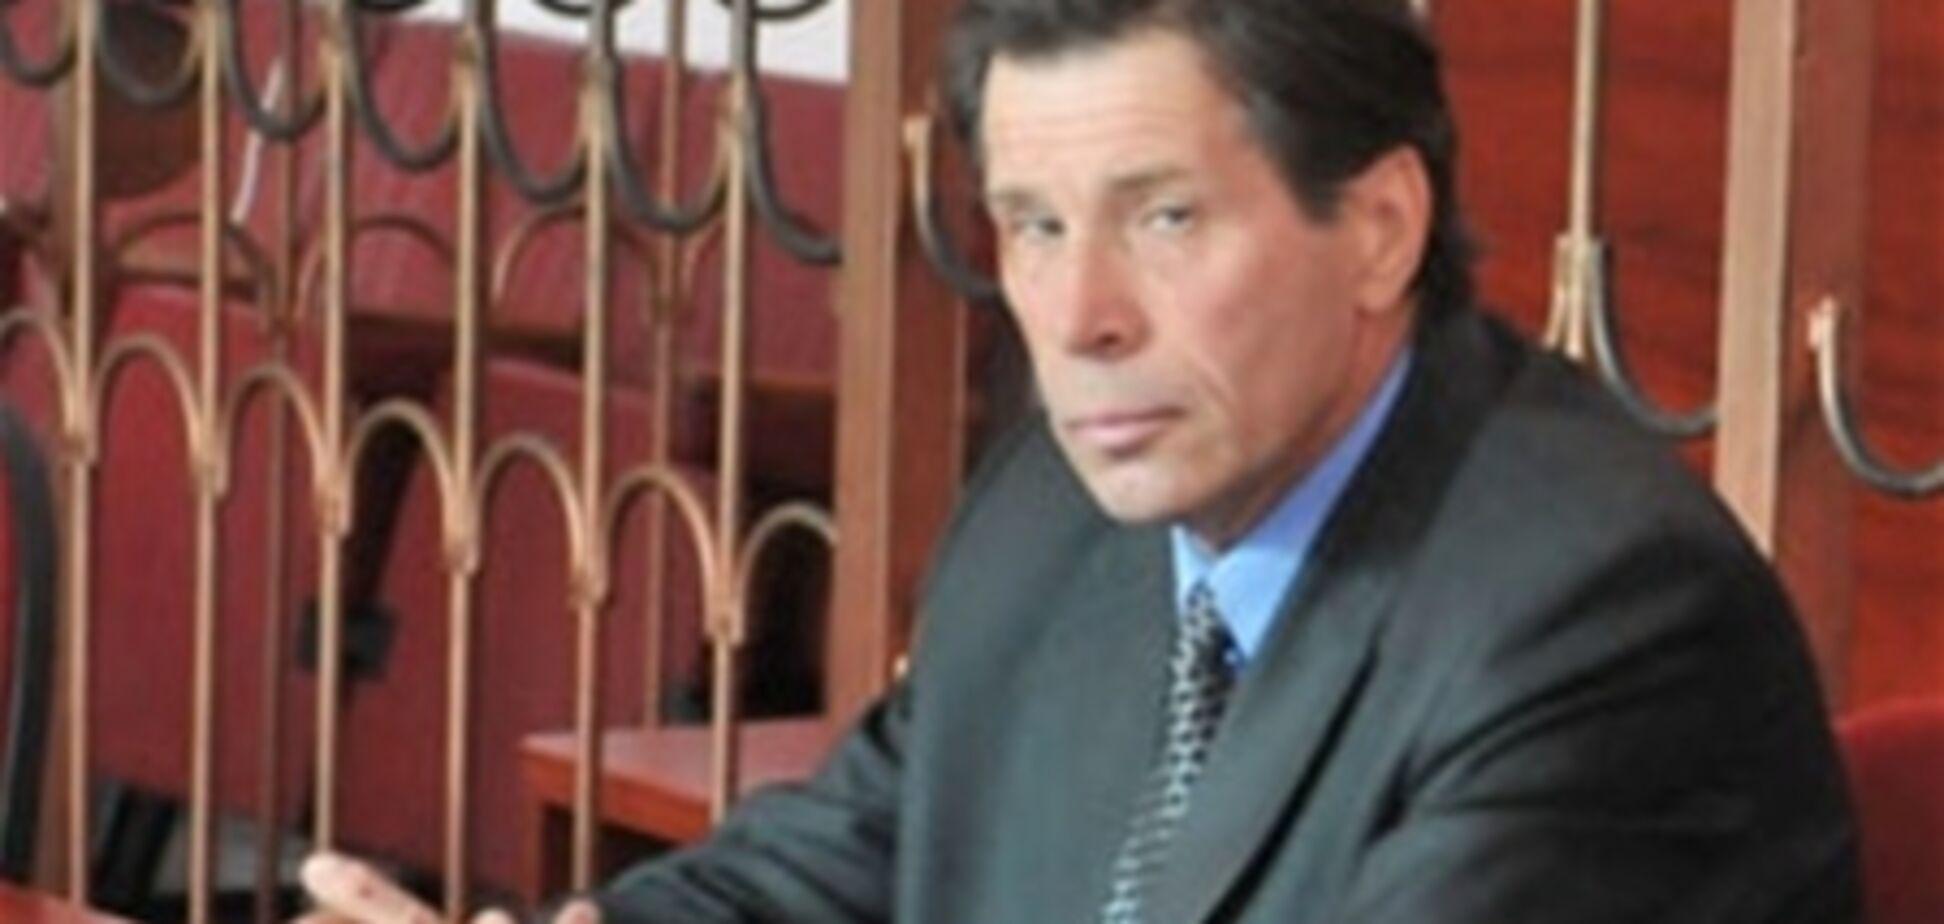 Колишній мер Димитрова, який збив на смерть жінку, повторно засуджений до семи років в'язниці